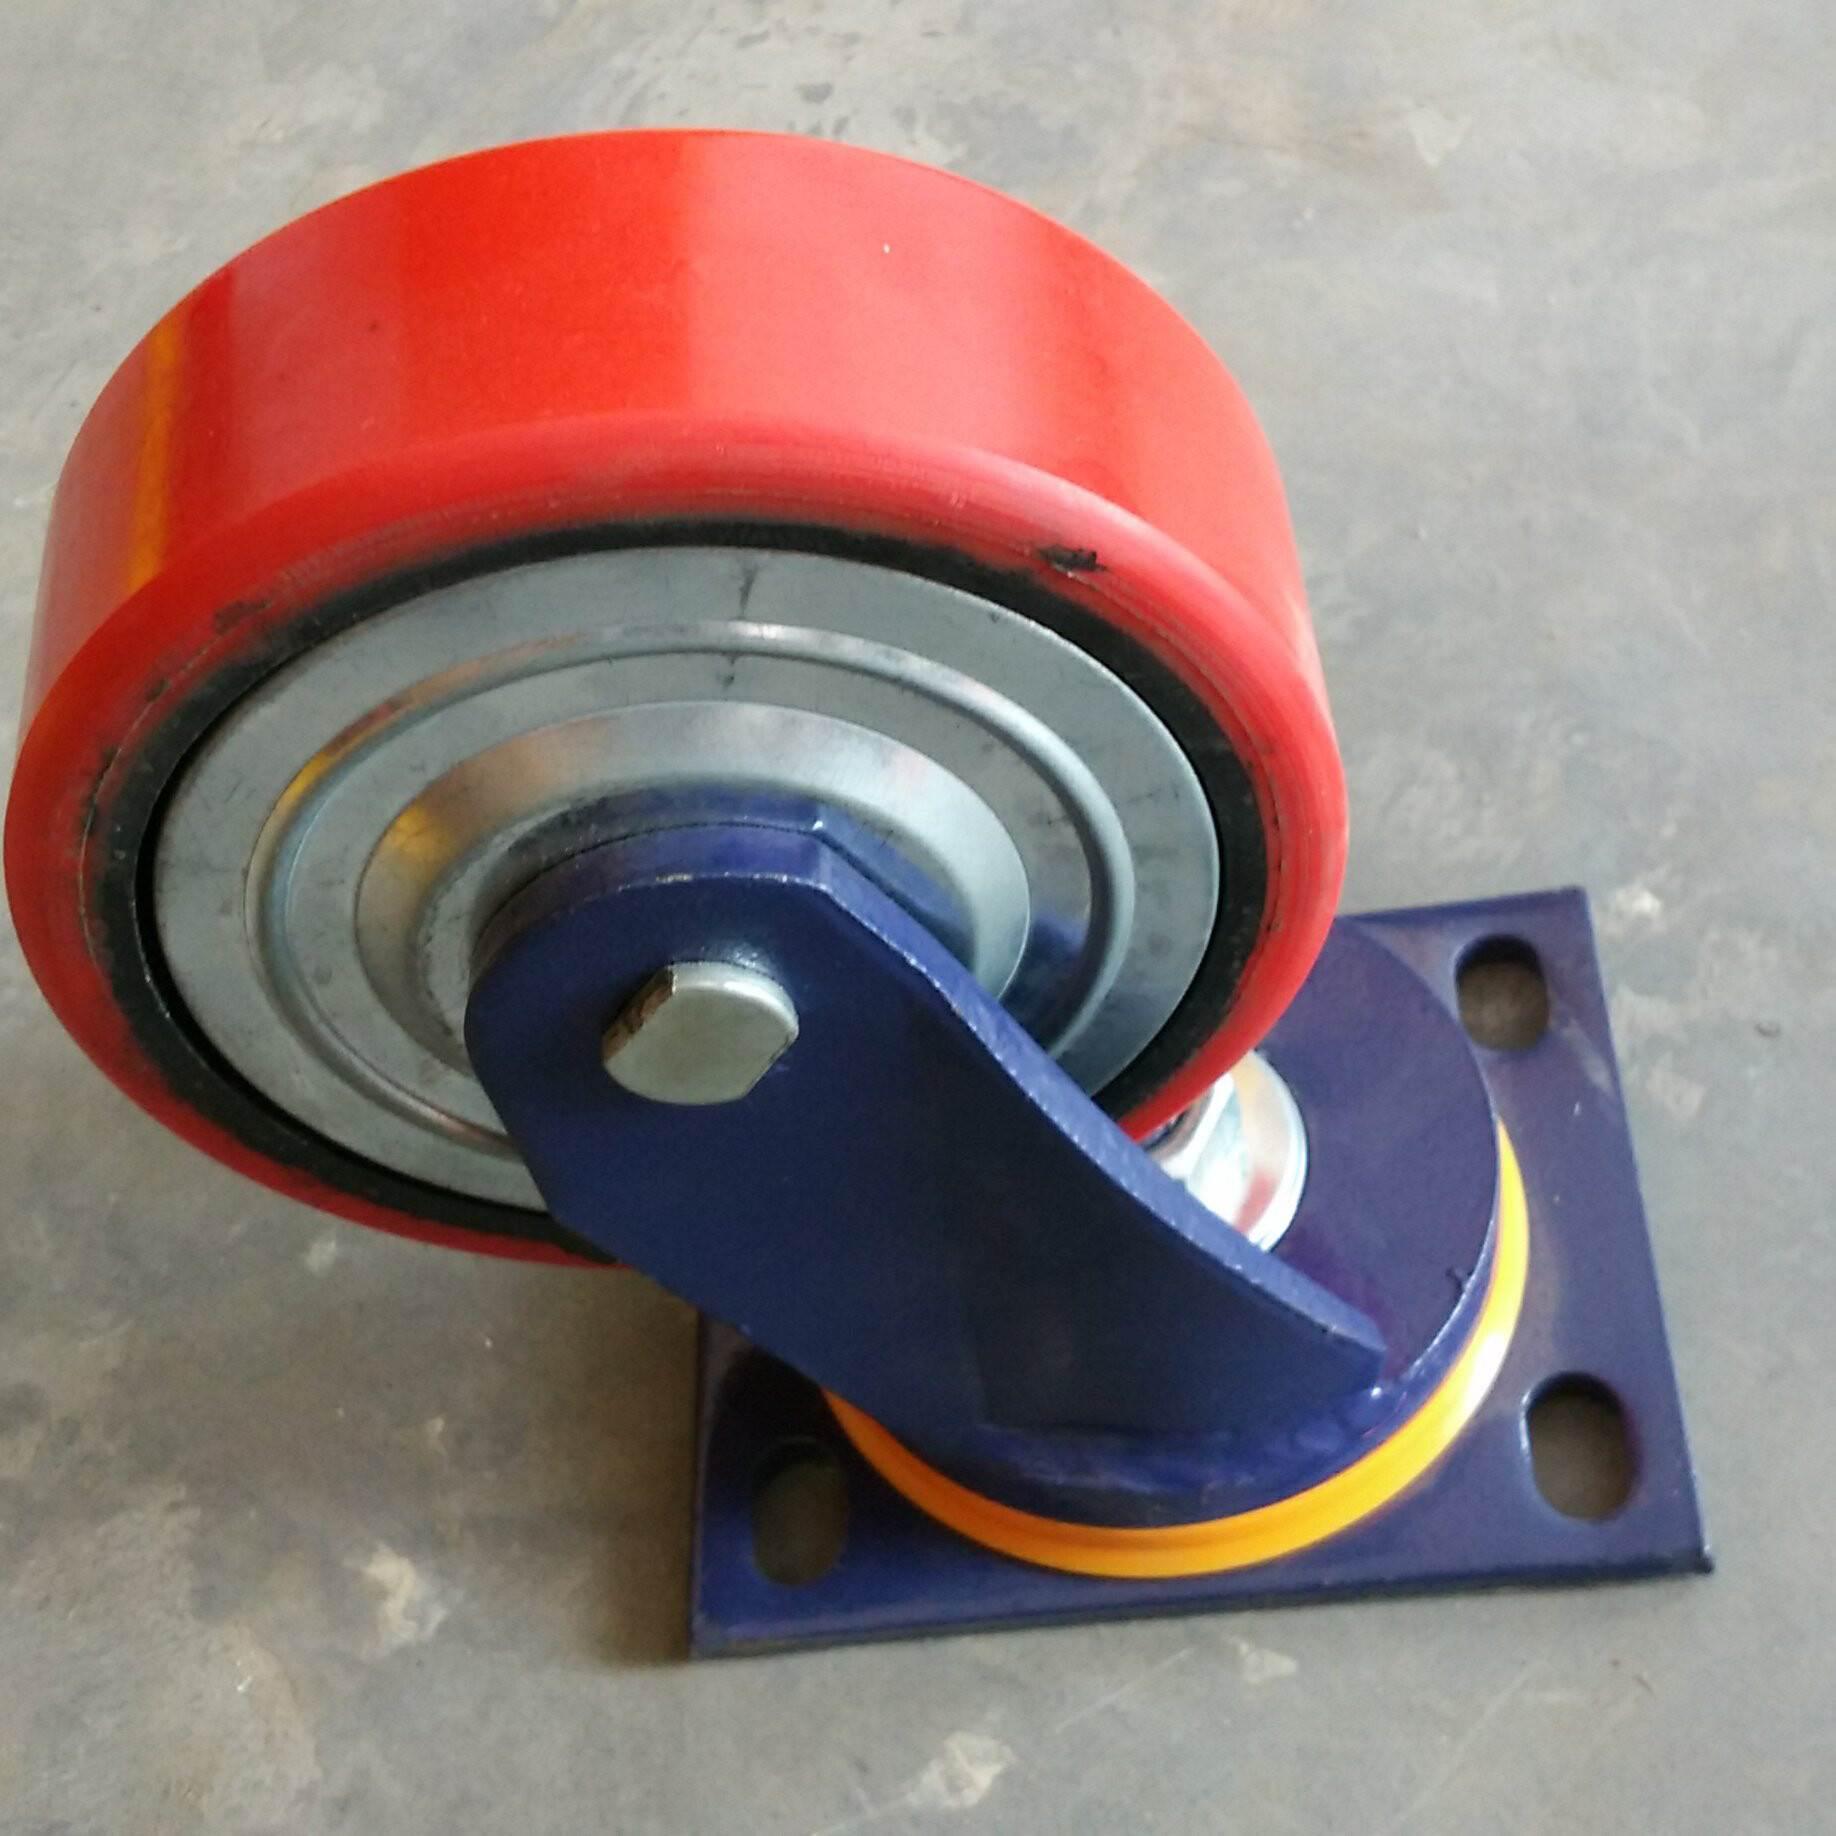 脚轮厂家|脚轮厂家规格|脚轮厂家尺寸|沾化脚轮厂家批发直销